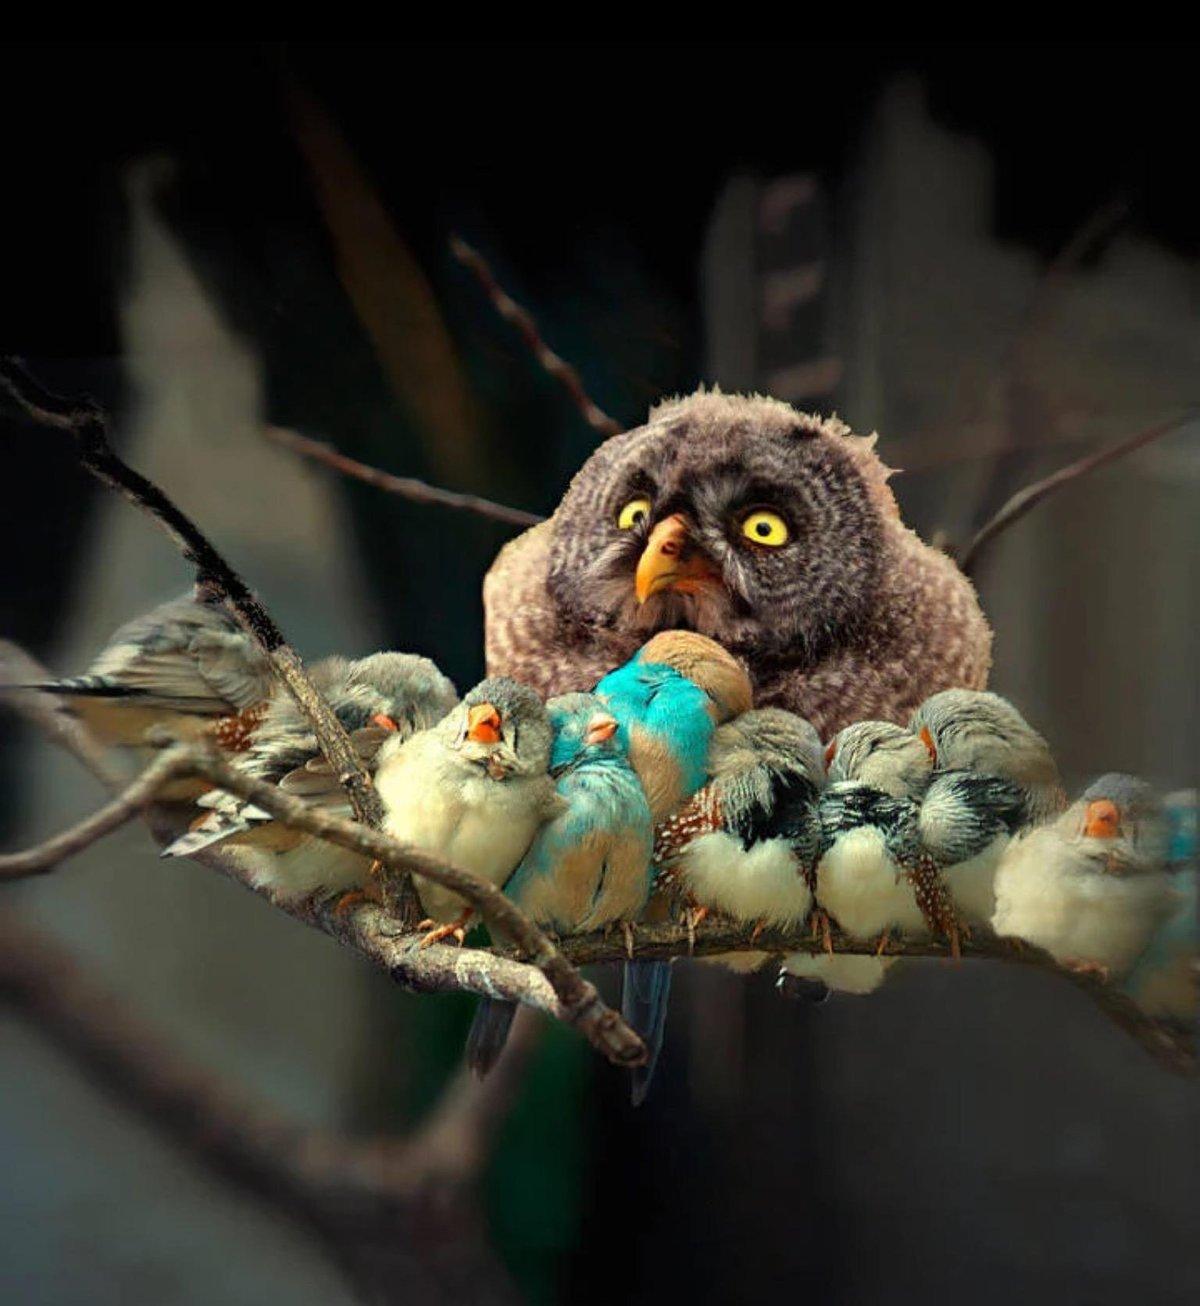 Знакомому днем, прикольные птицы в картинках